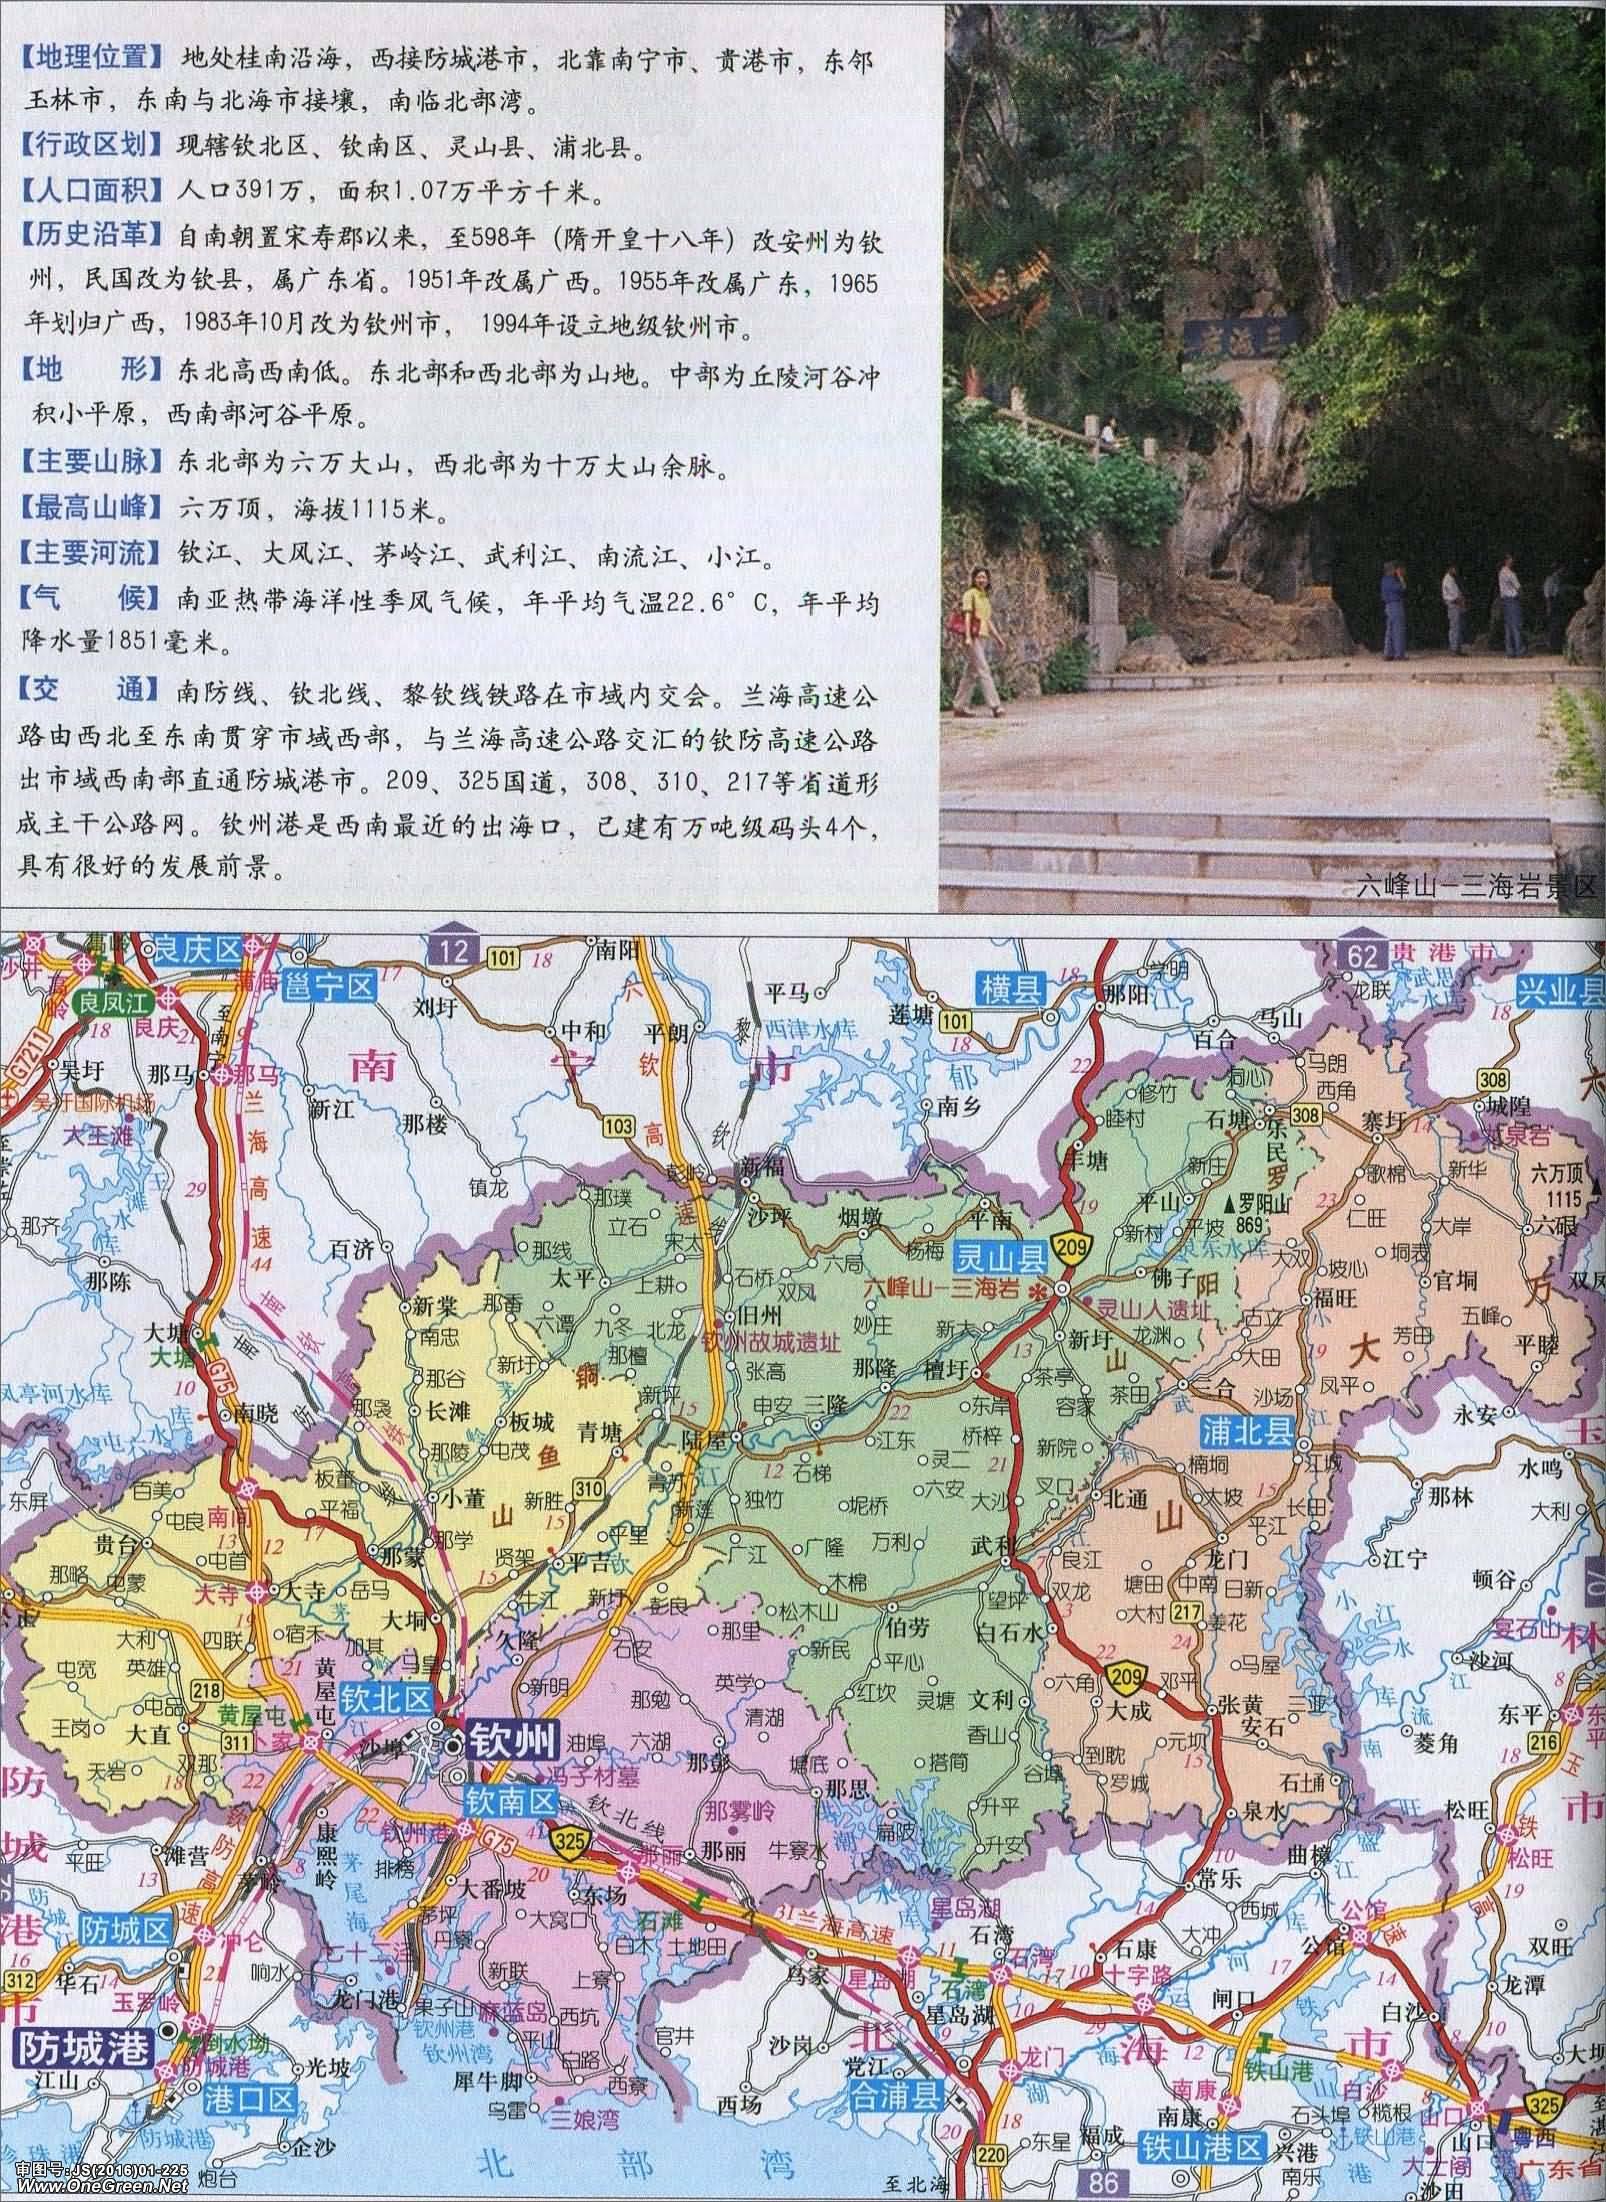 钦州市地图高清版